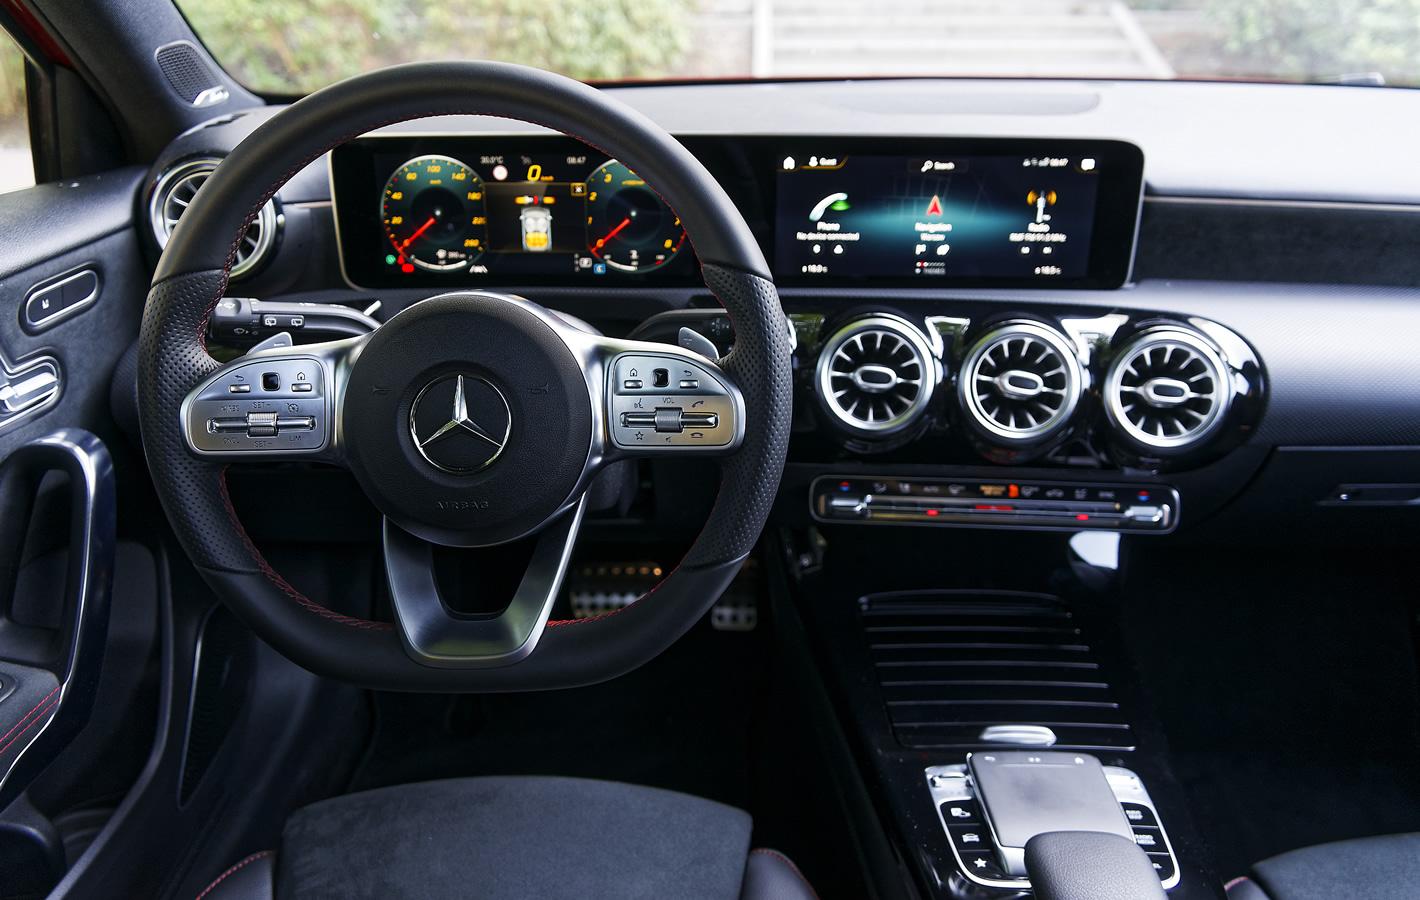 Mercedes-Benz Klasy A 200 - w środku